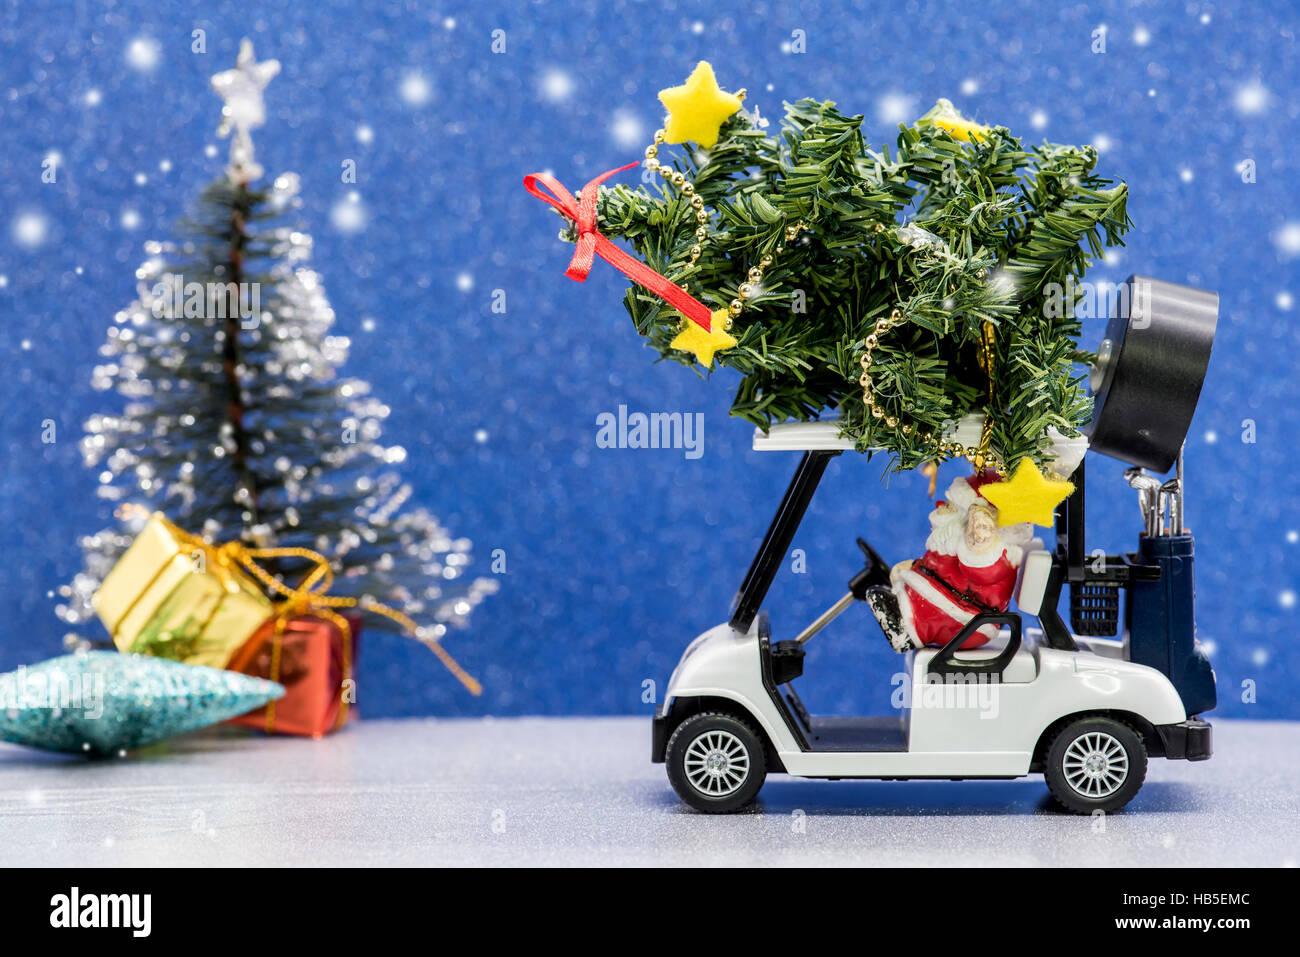 Golf Christmas Stock Photos & Golf Christmas Stock Images - Alamy on